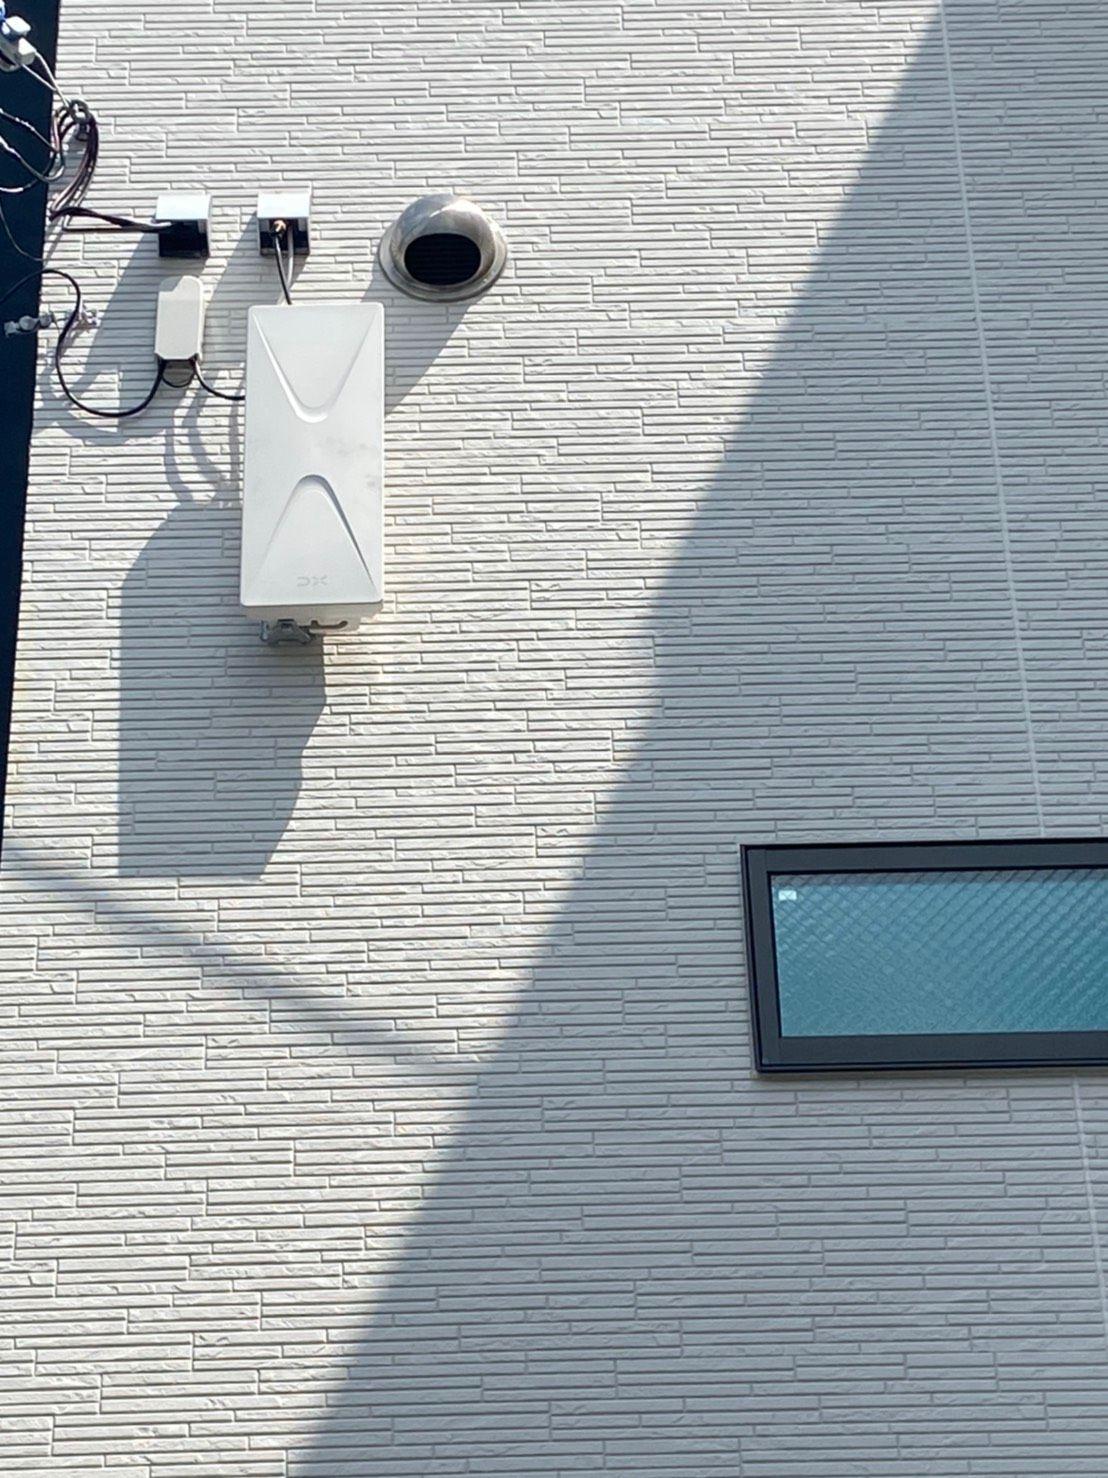 デザインアンテナ壁面設置 DXアンテナ(大阪府大阪市)